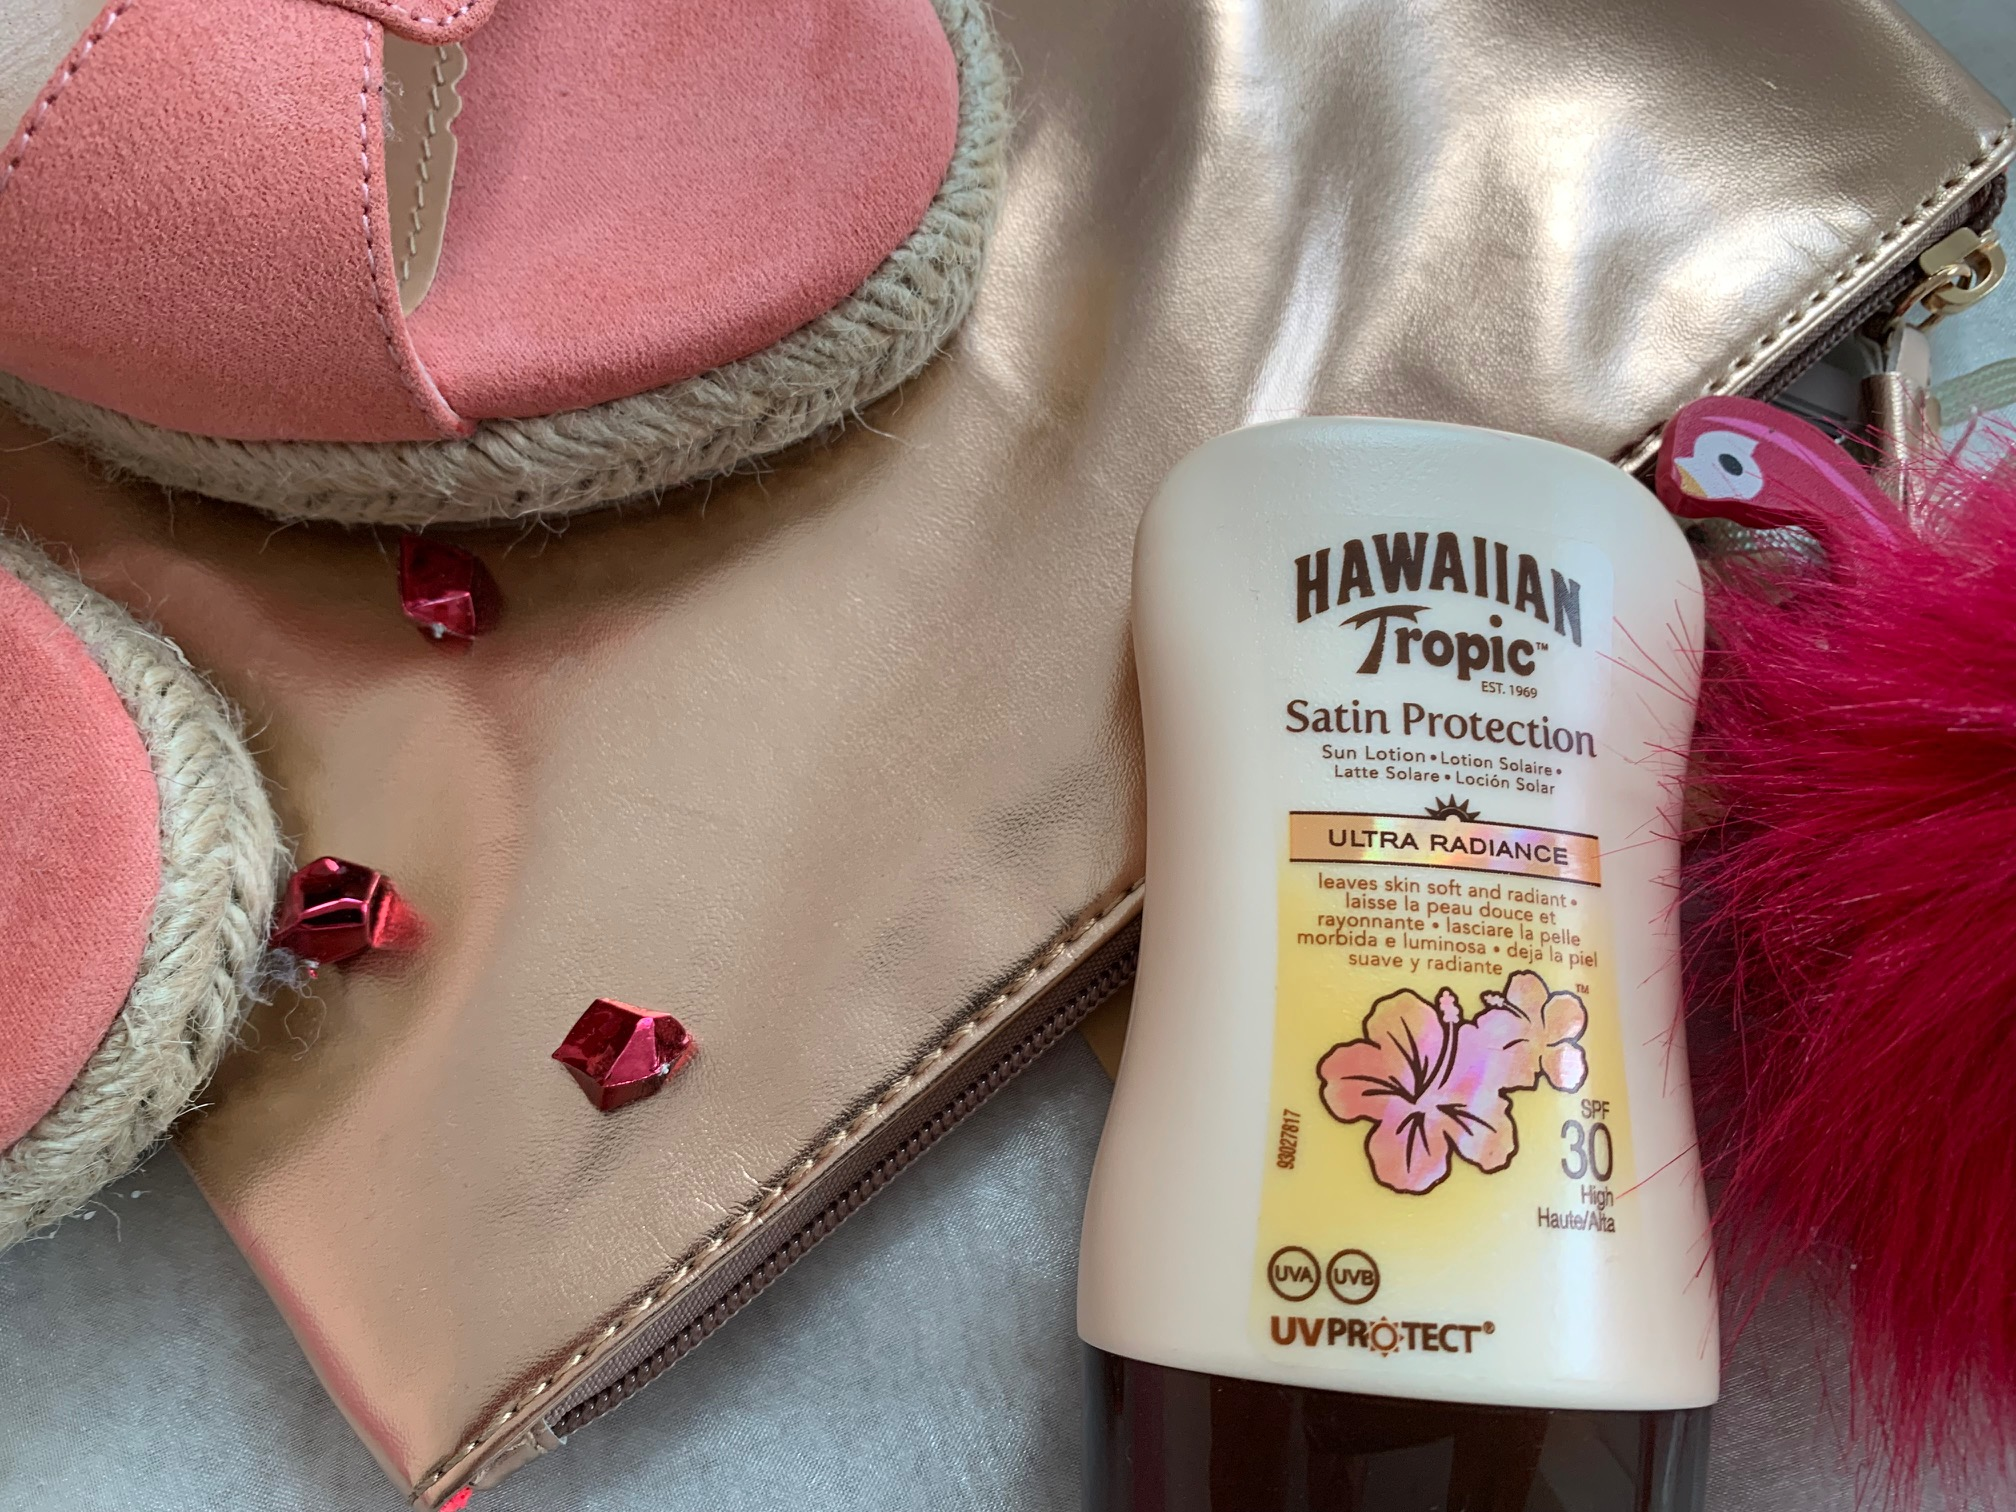 Hawaiian Tropic Satin Protection Test Erfahrung